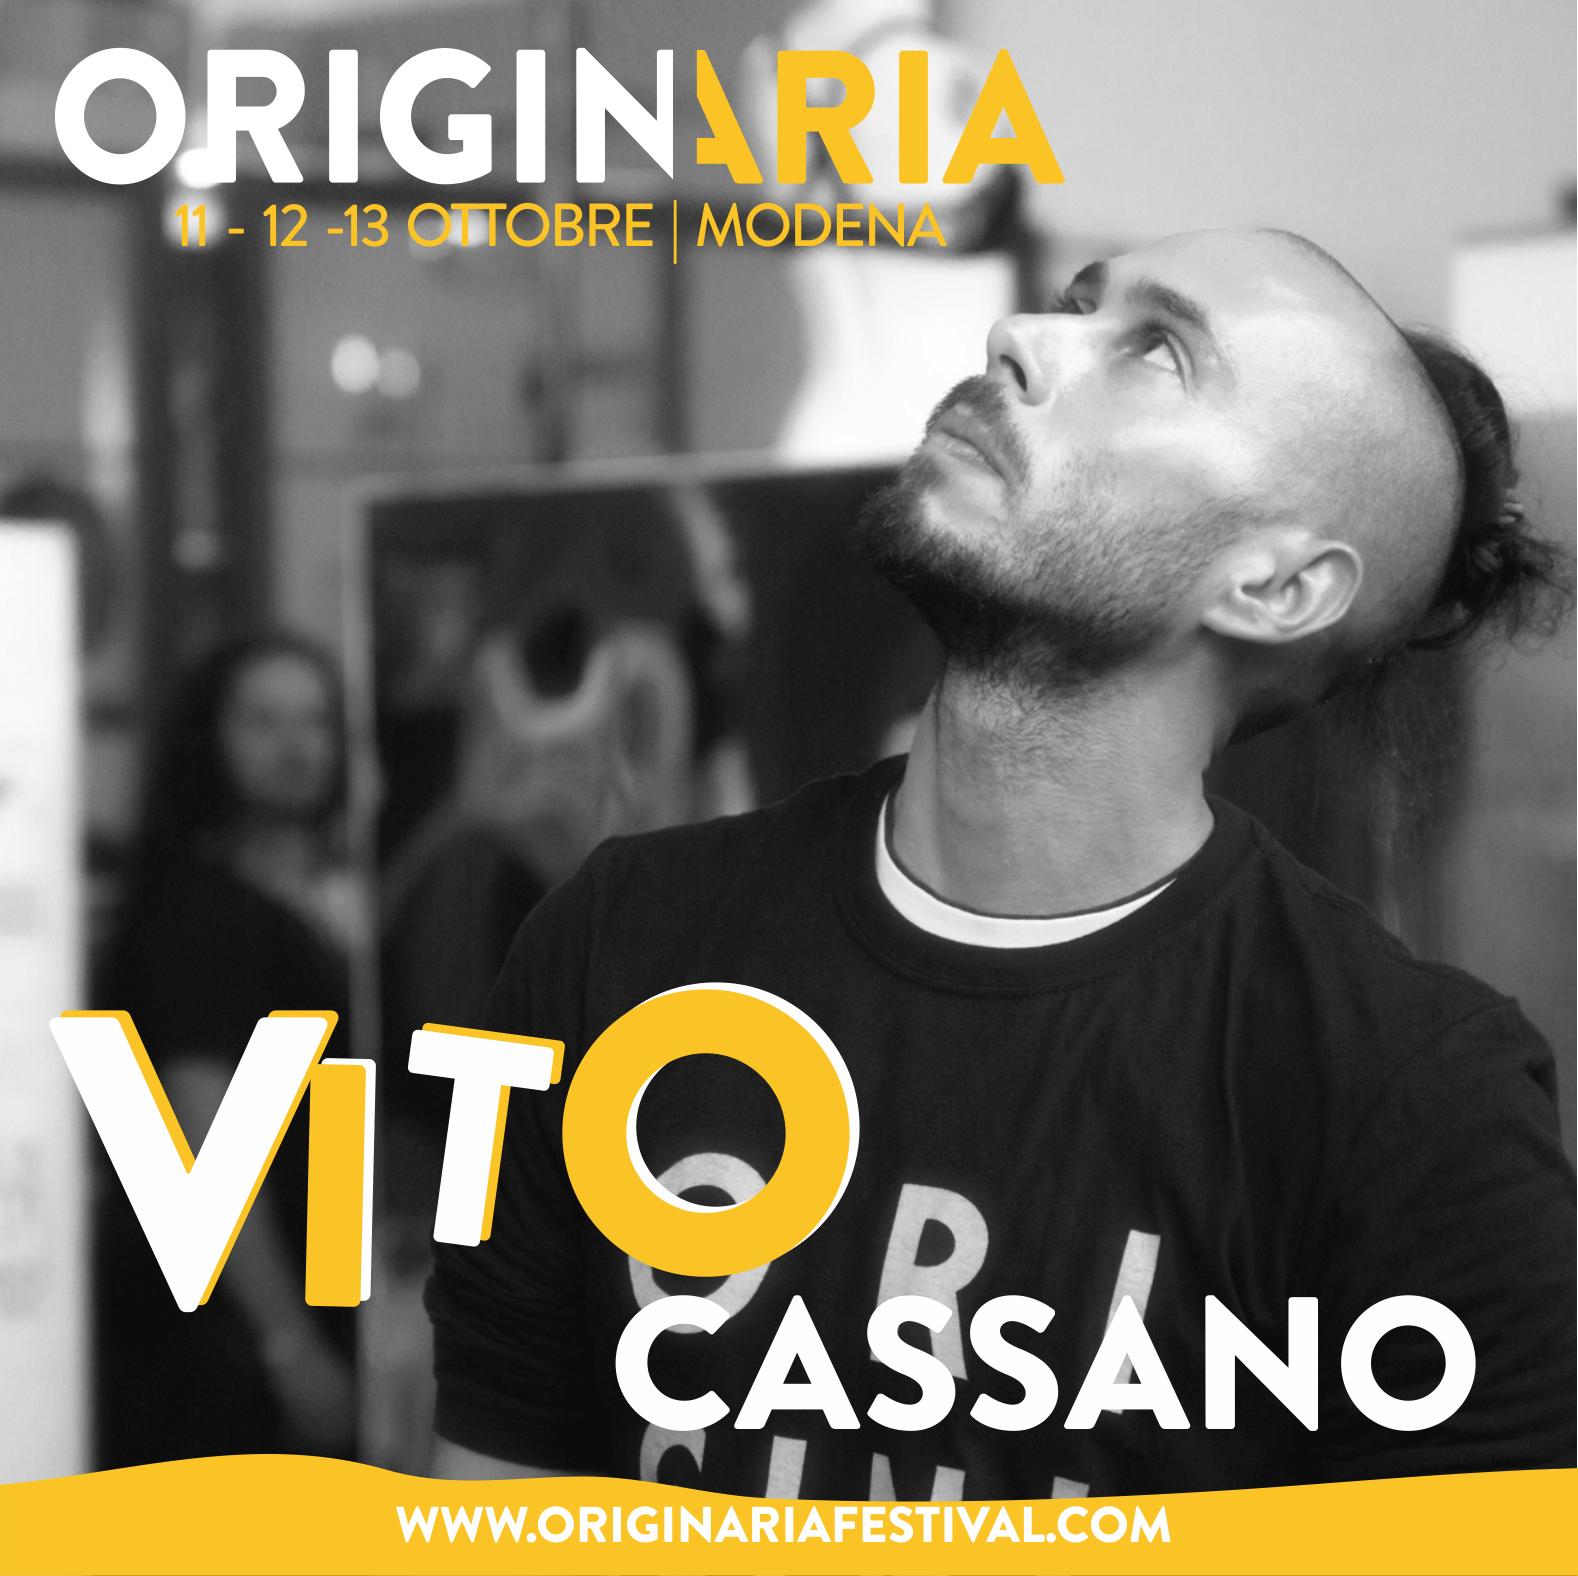 Vito Cassano OriginAria Festival